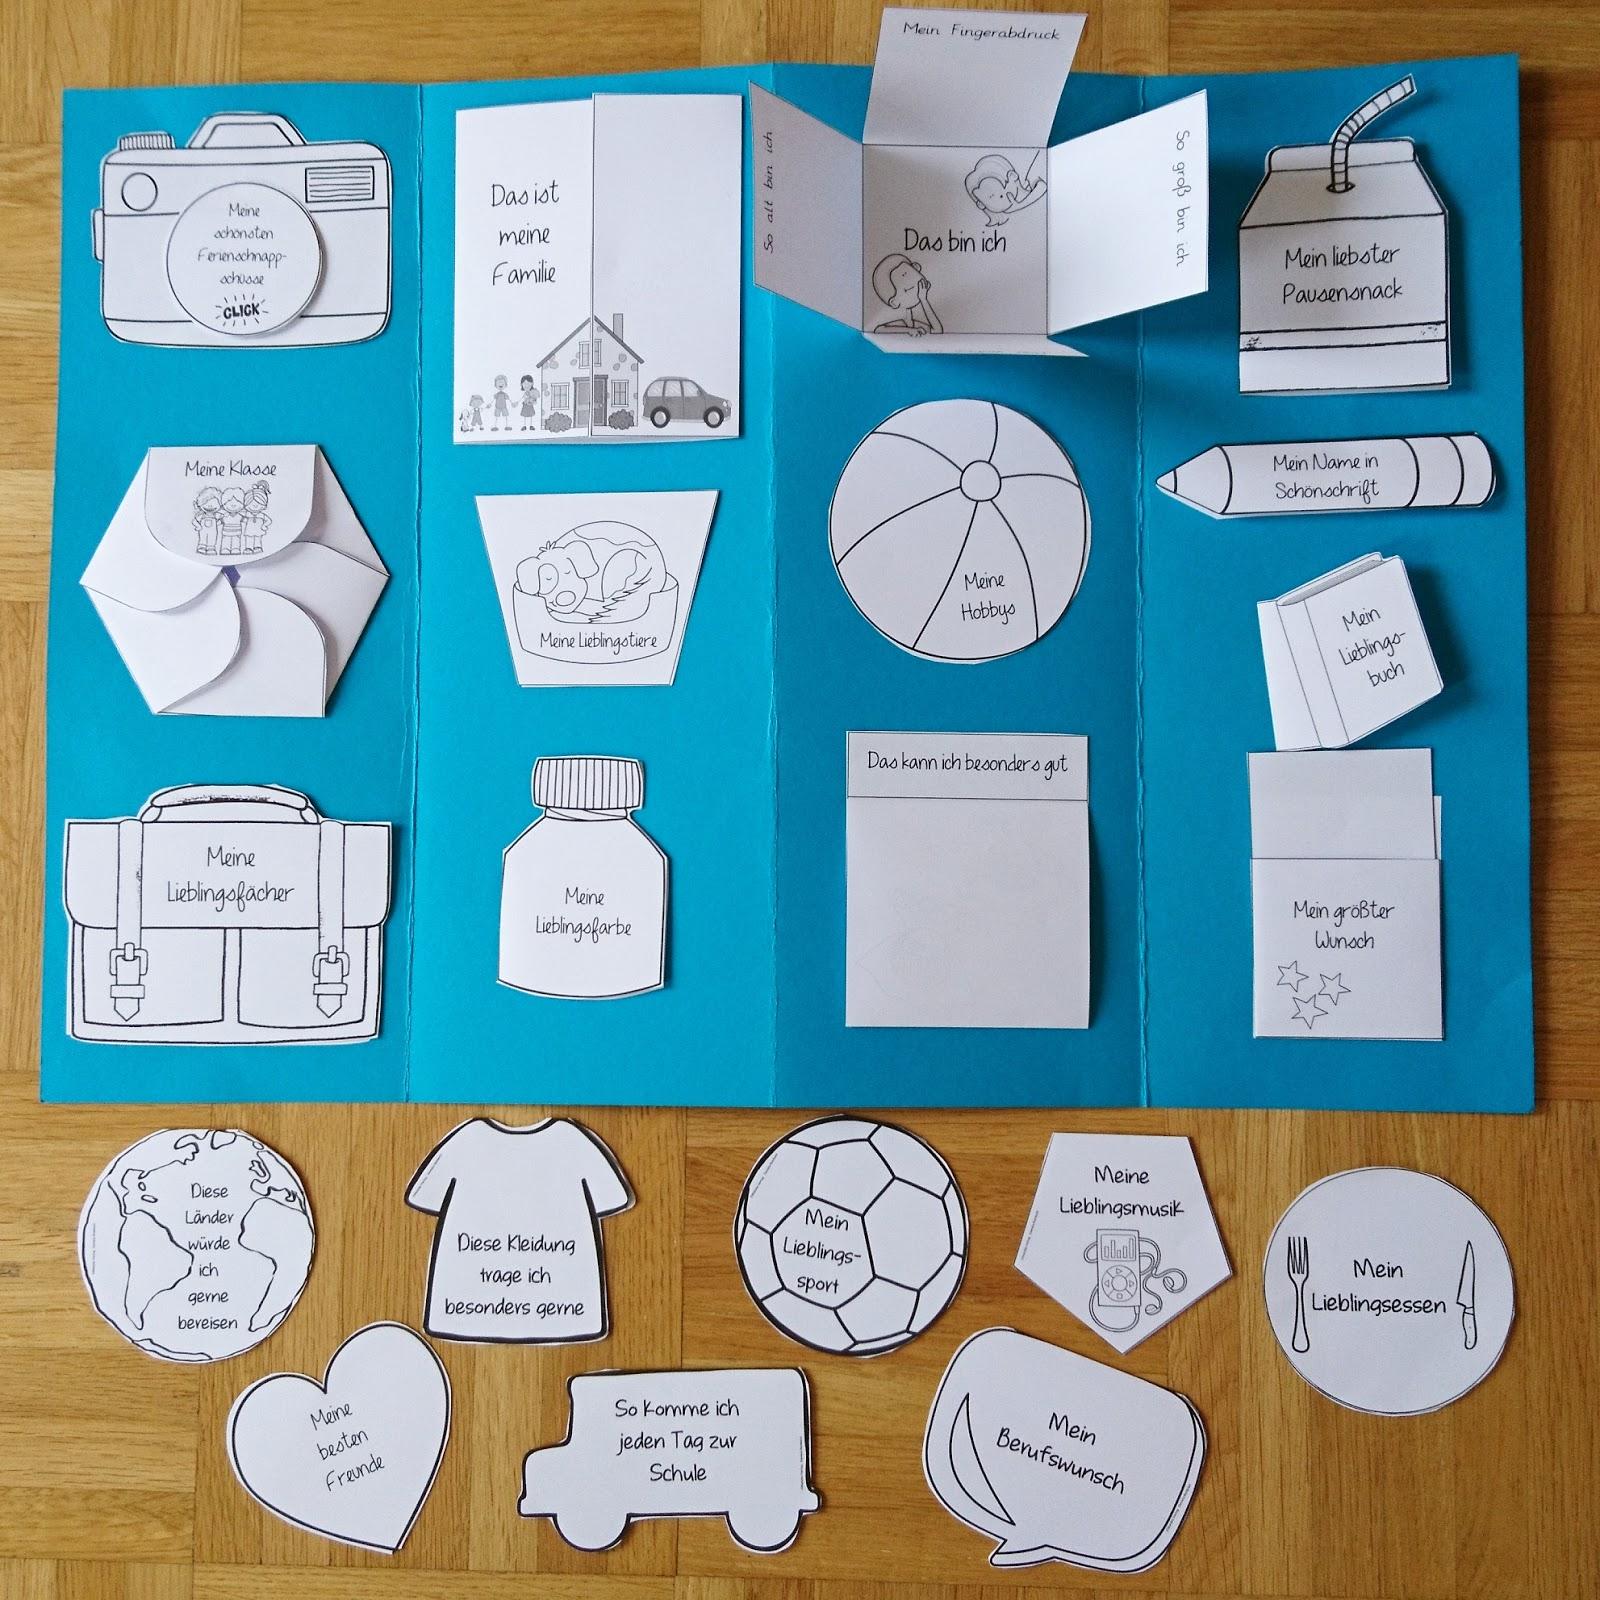 Ideenreise - Blog  Alles über mich (Vorlagen für ein Lapbook)